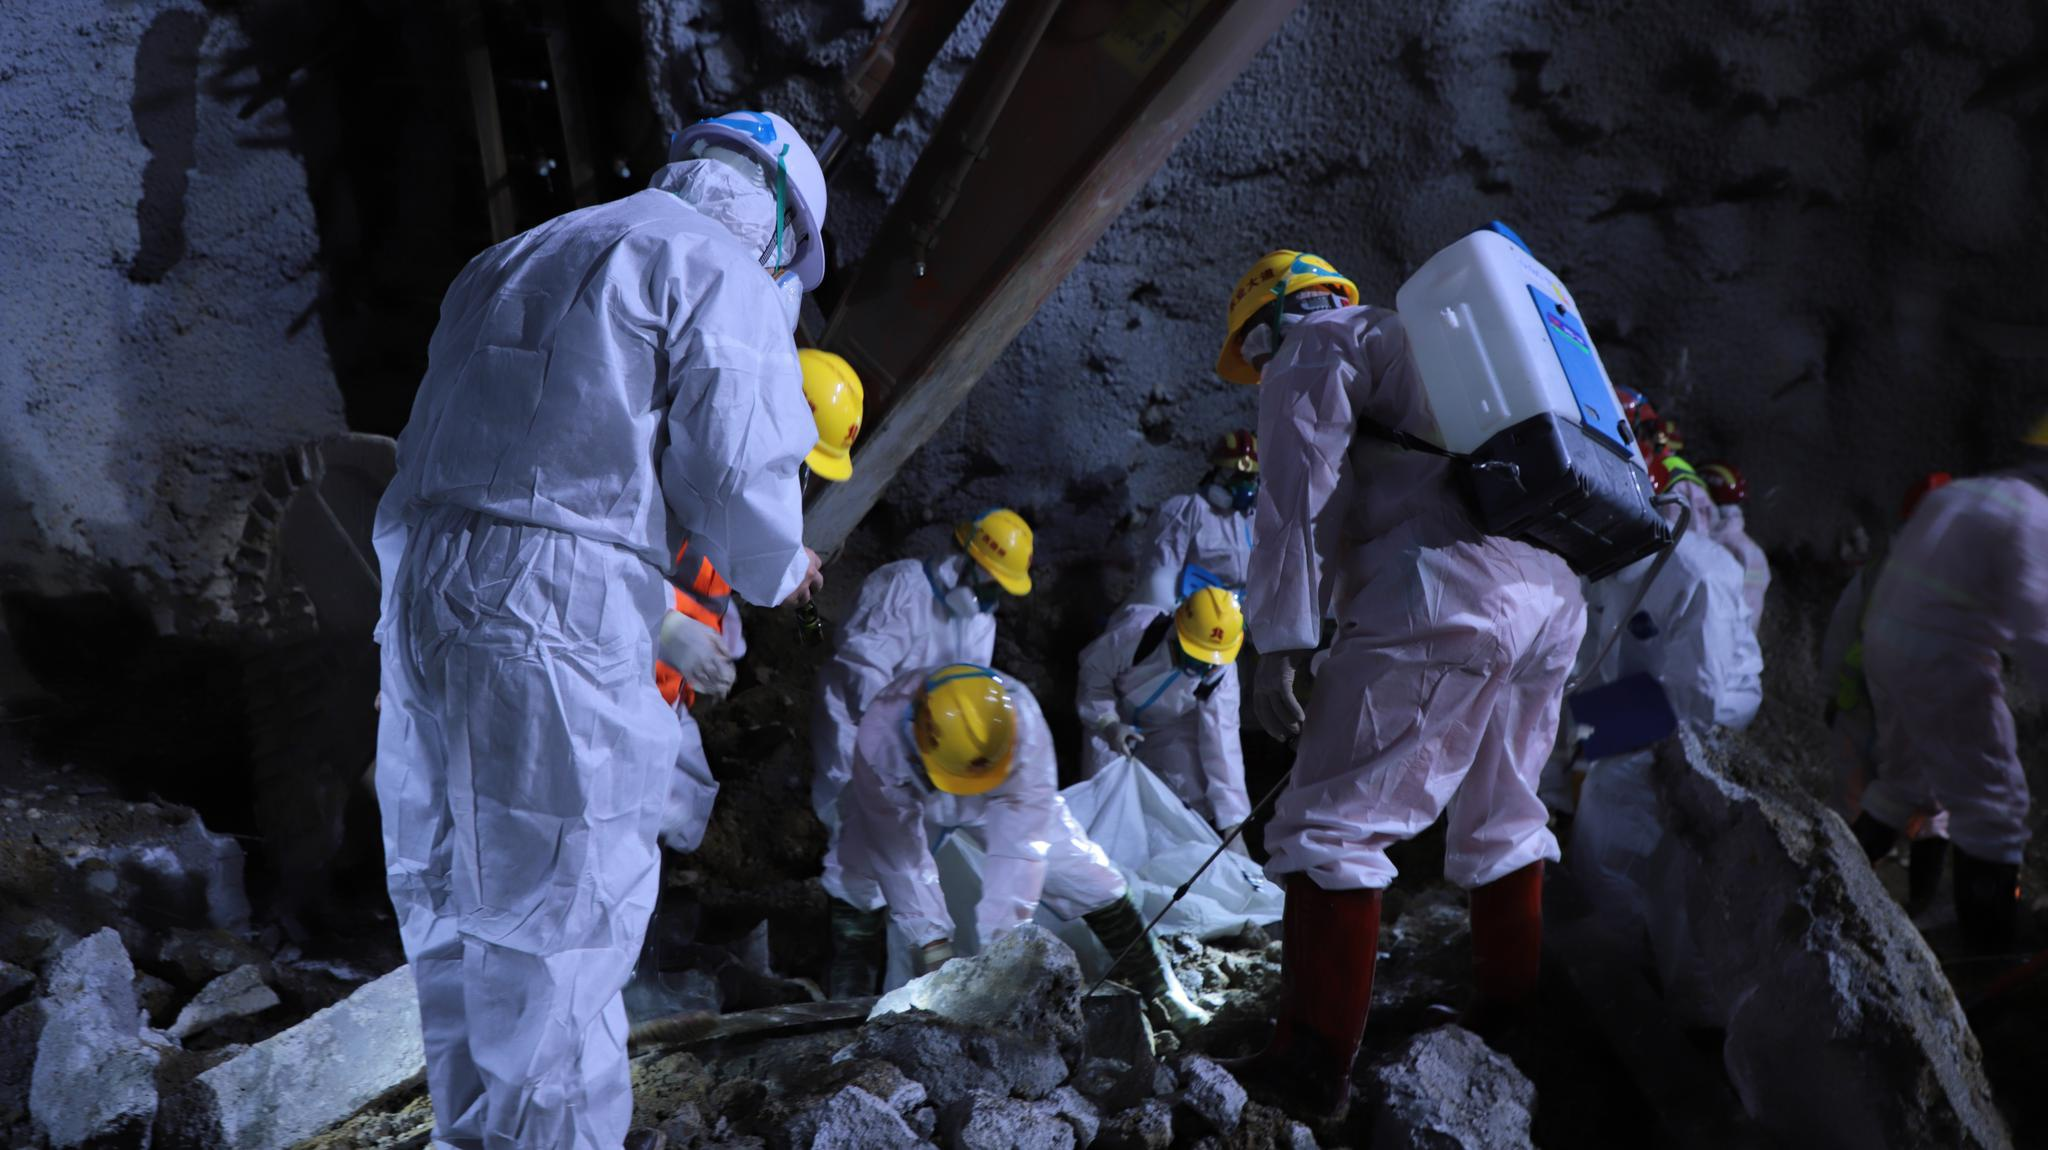 广西百色在建隧道坍塌50天后,现场发现1名被困人员遗体图片